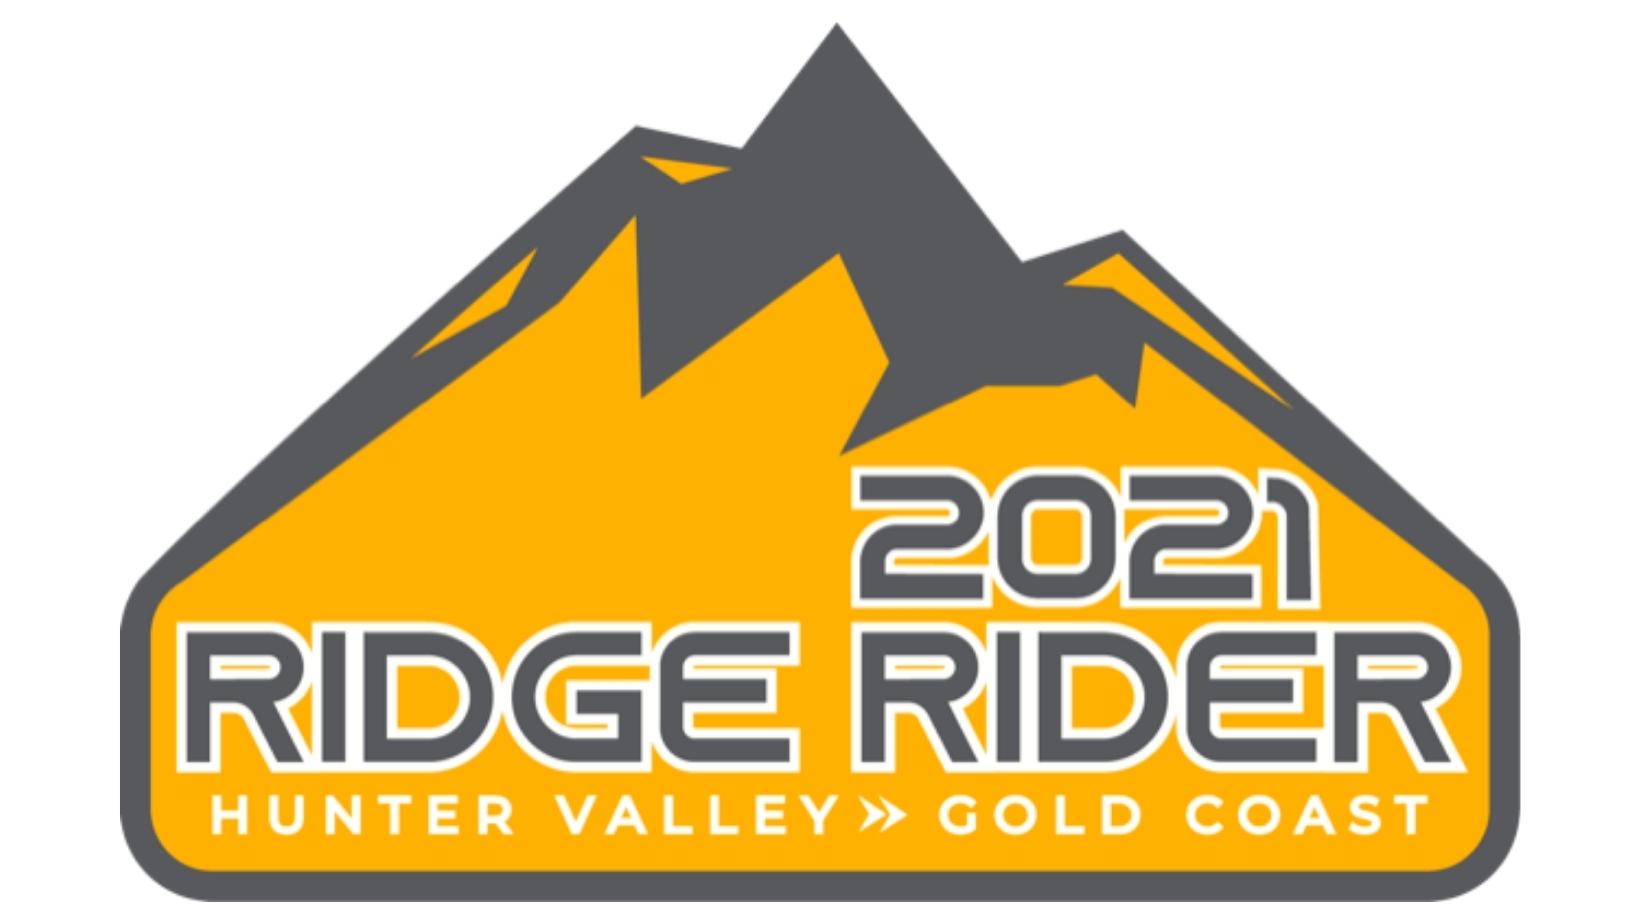 Moto Trekking 2021 Ridge Rider